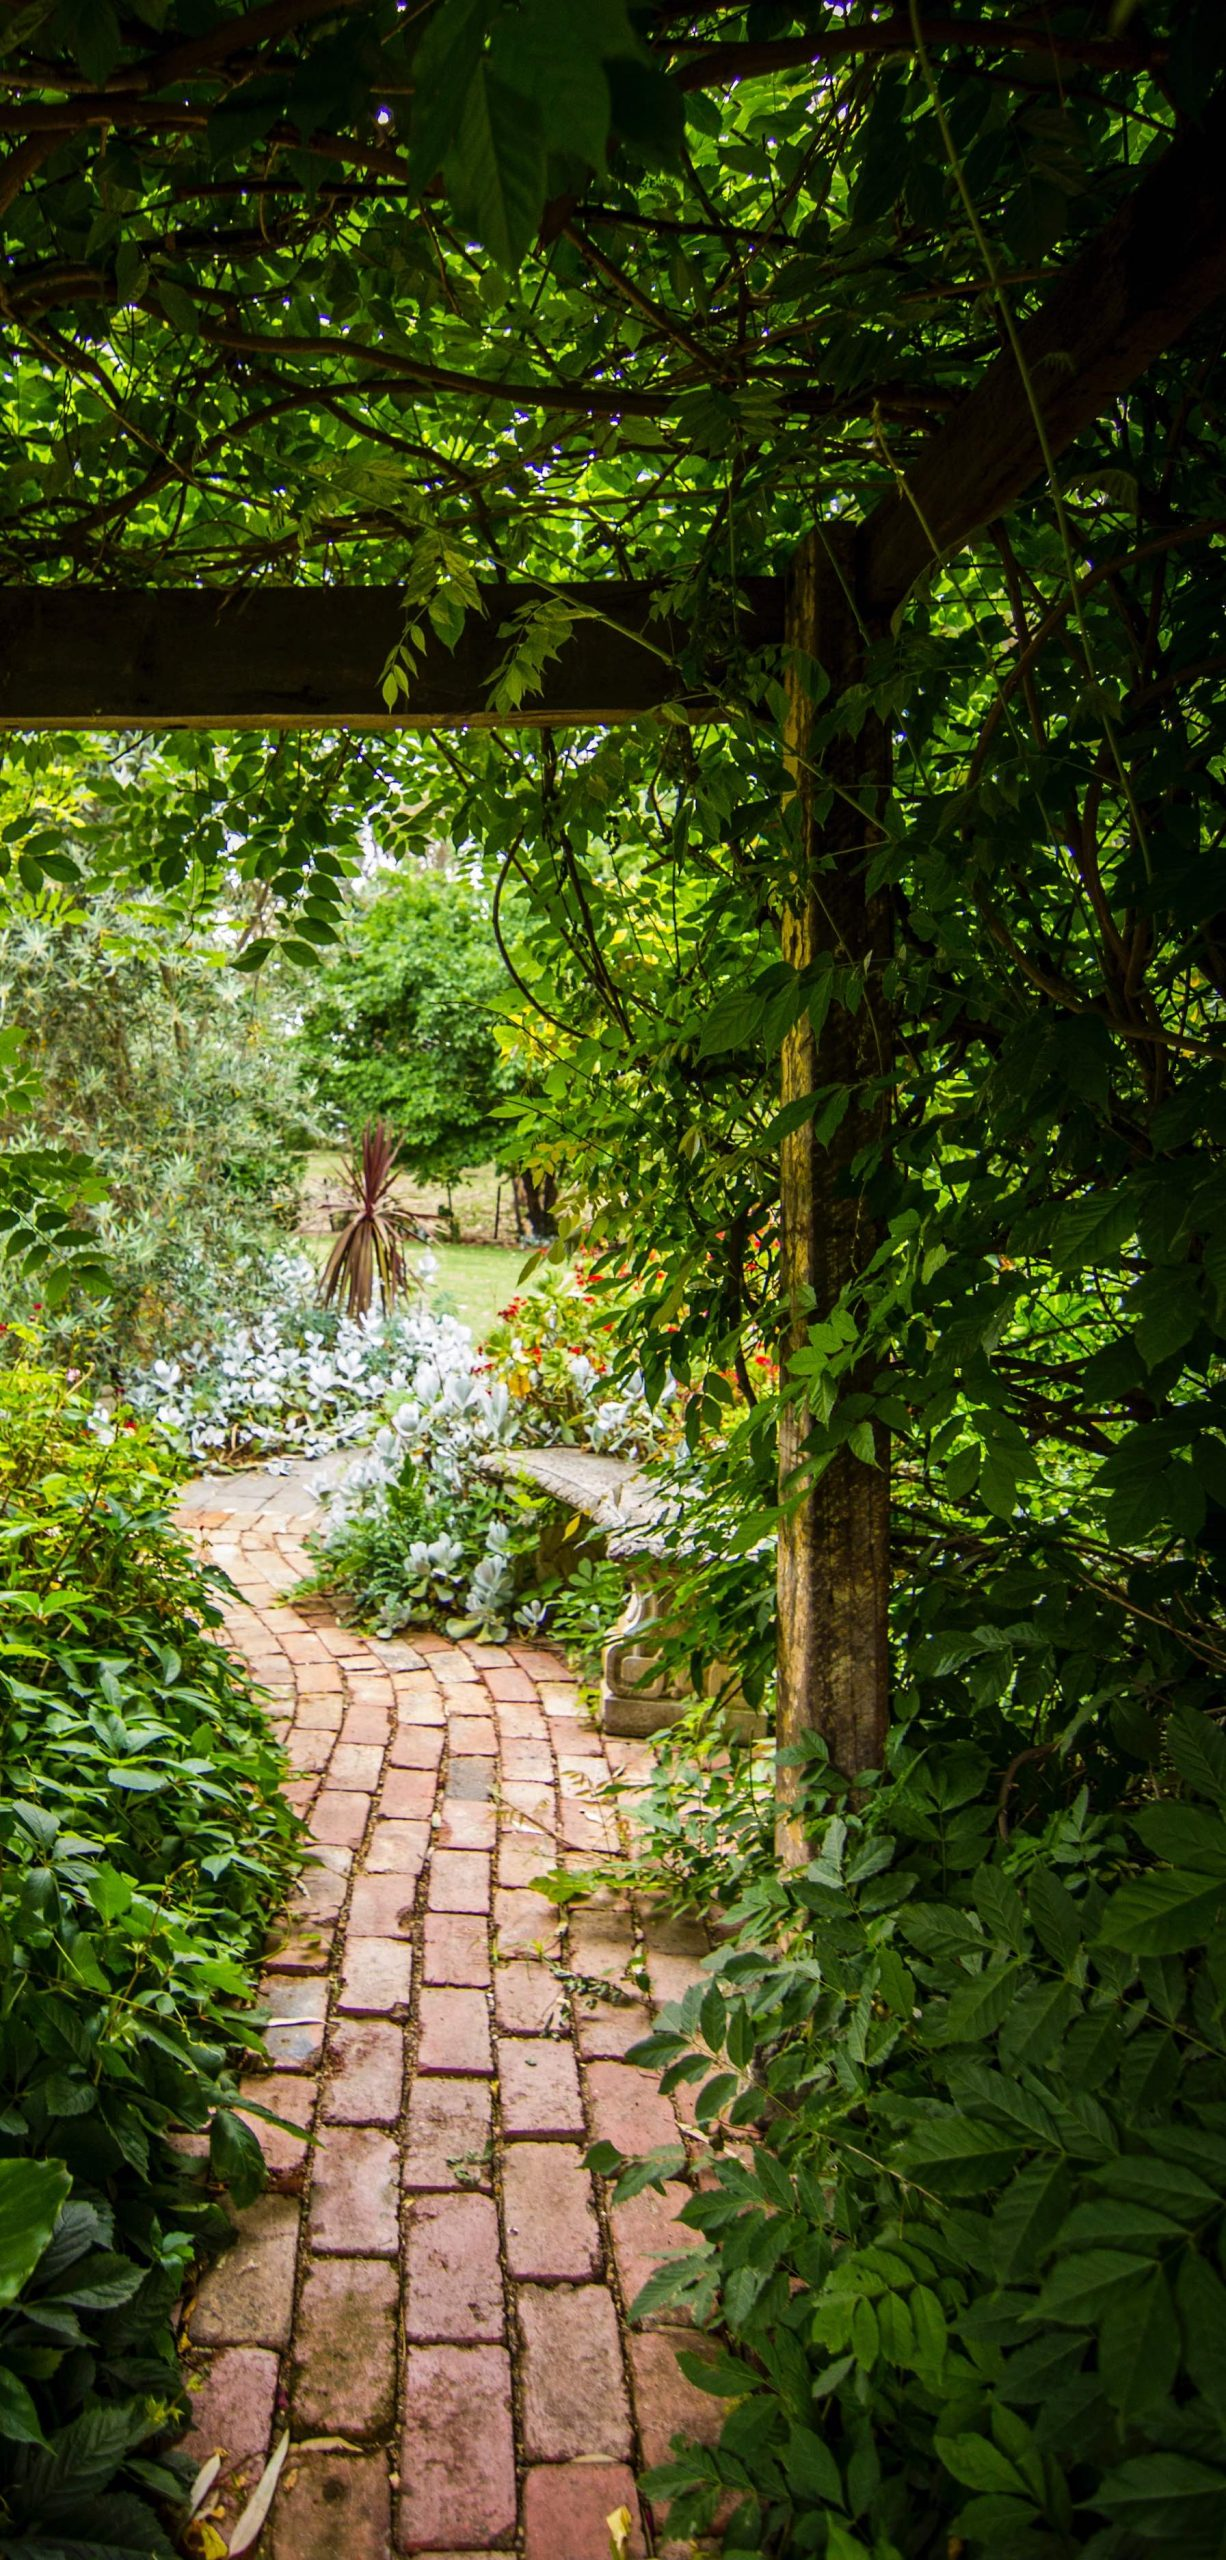 a paved path leading through a garden